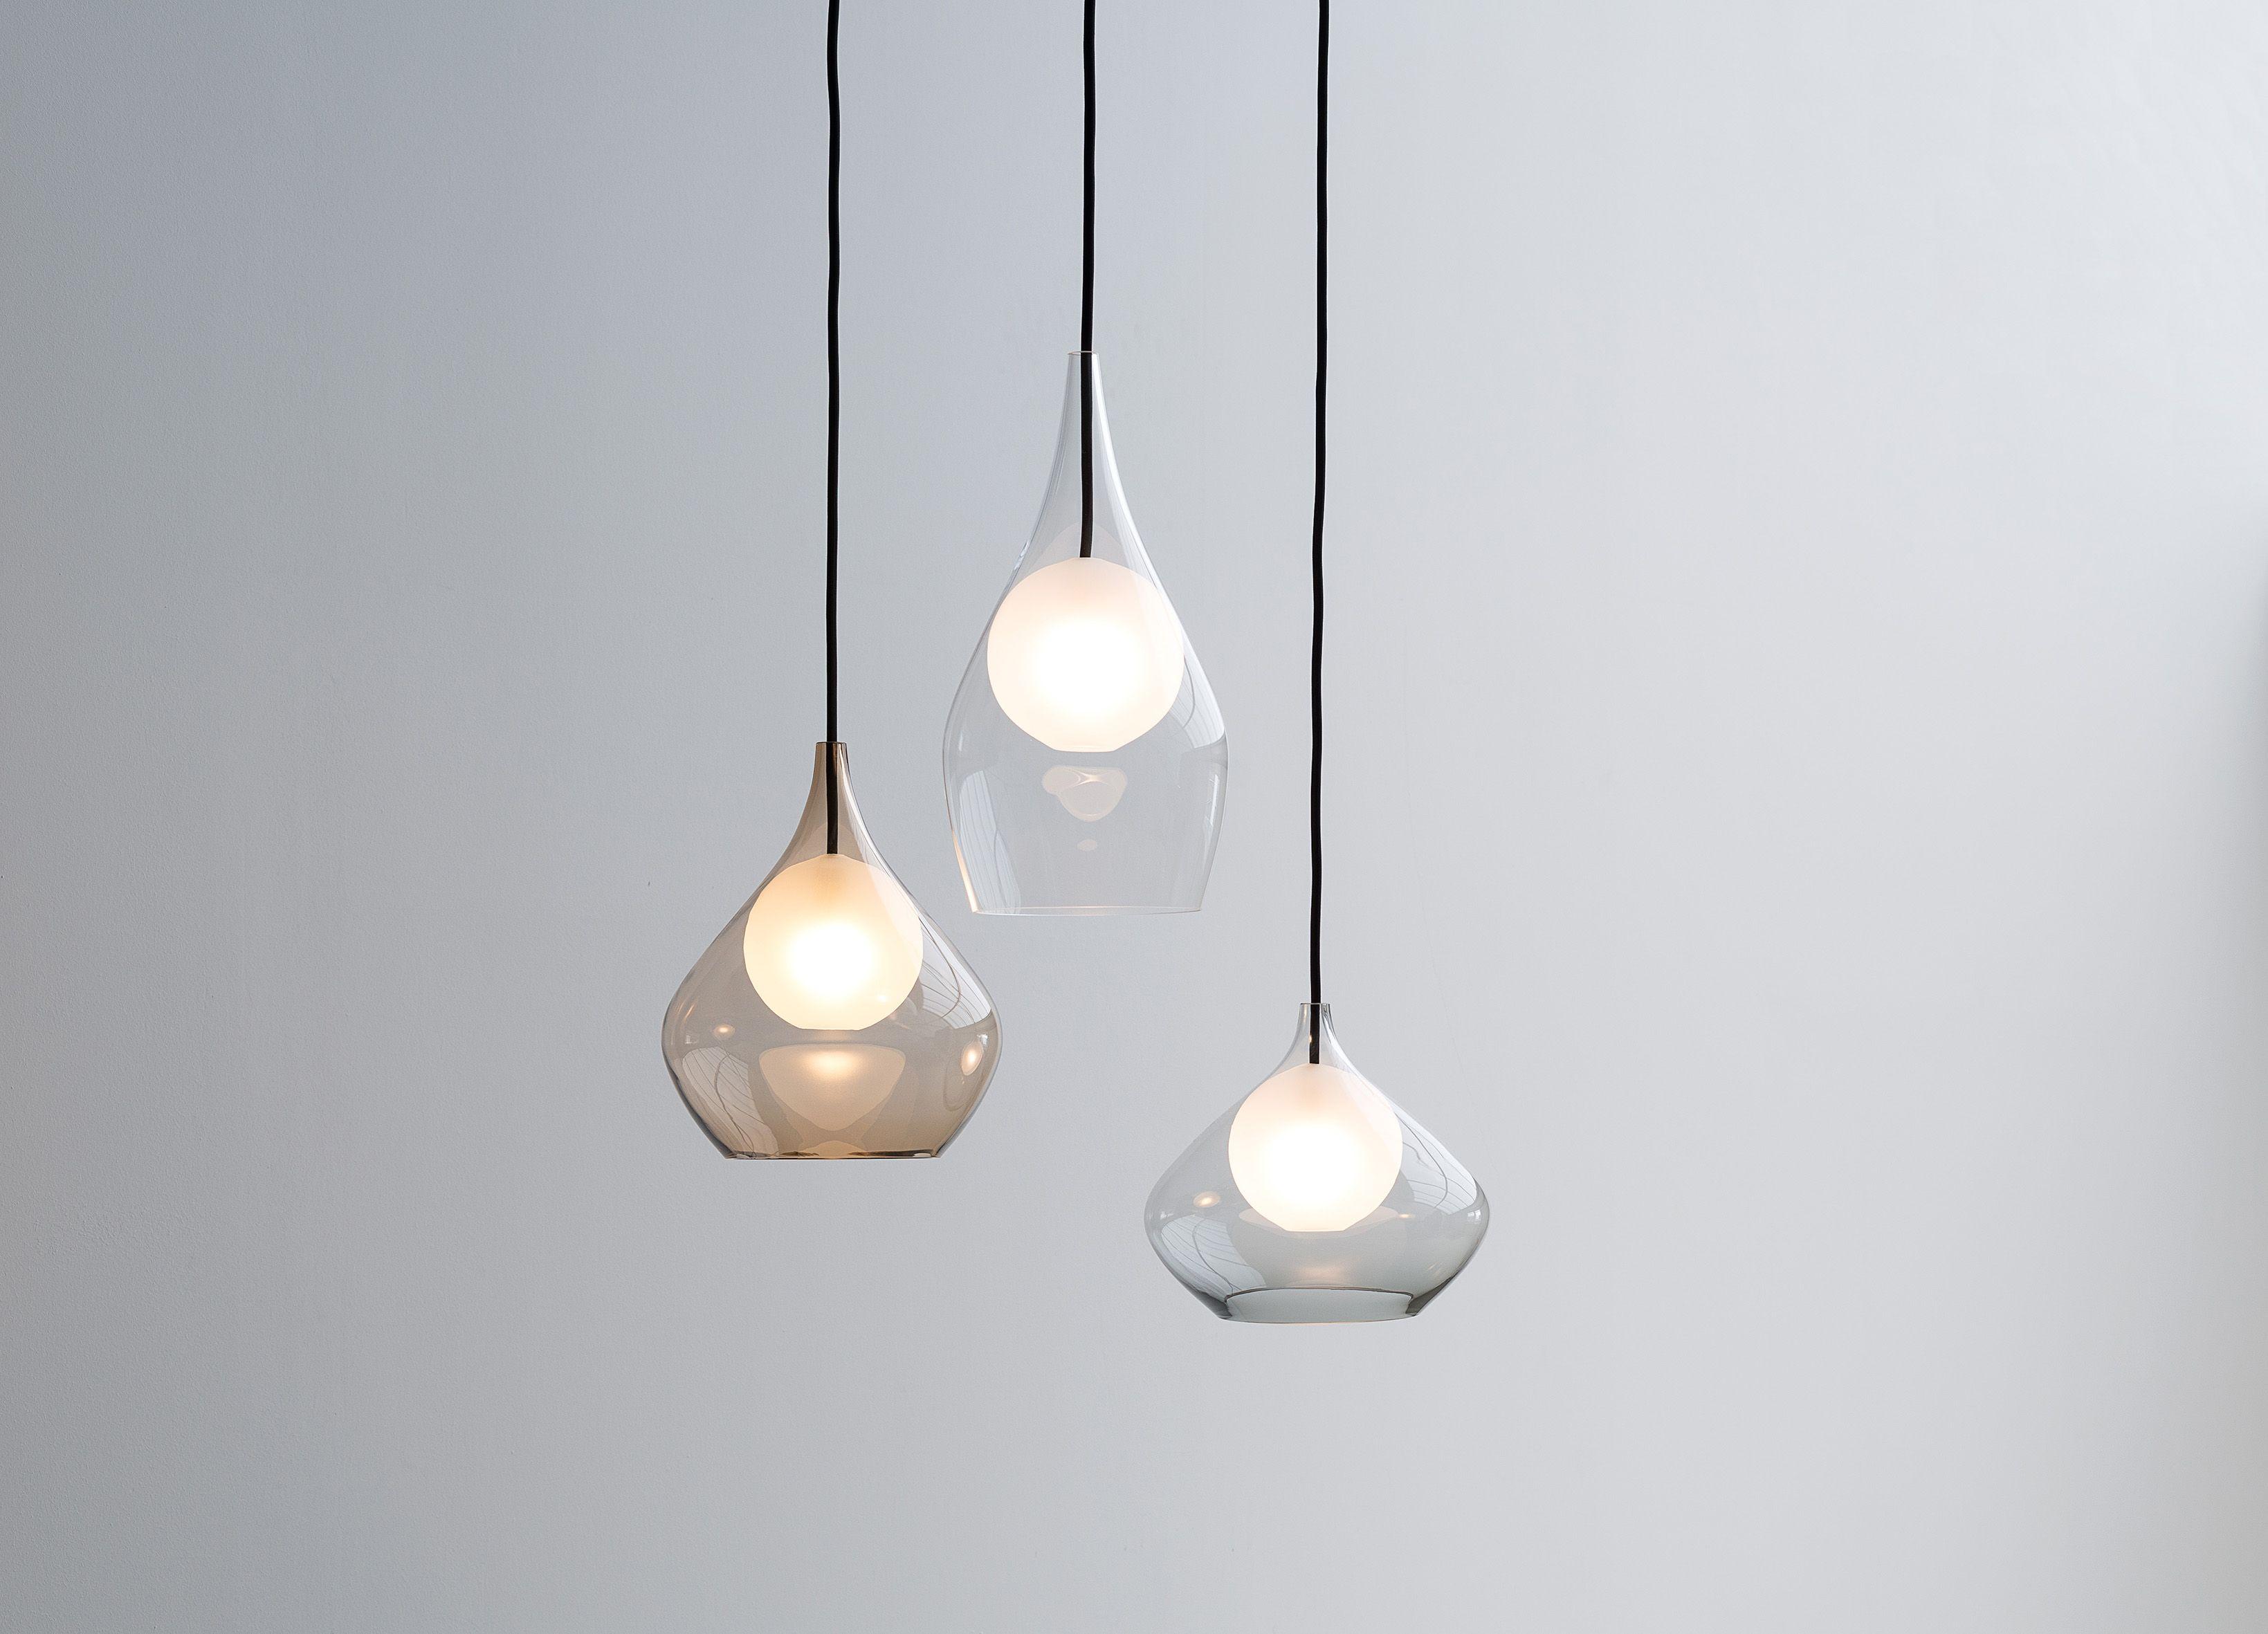 next shade | isabel hamm LICHT | Lampen | Pinterest | Leuchten ...